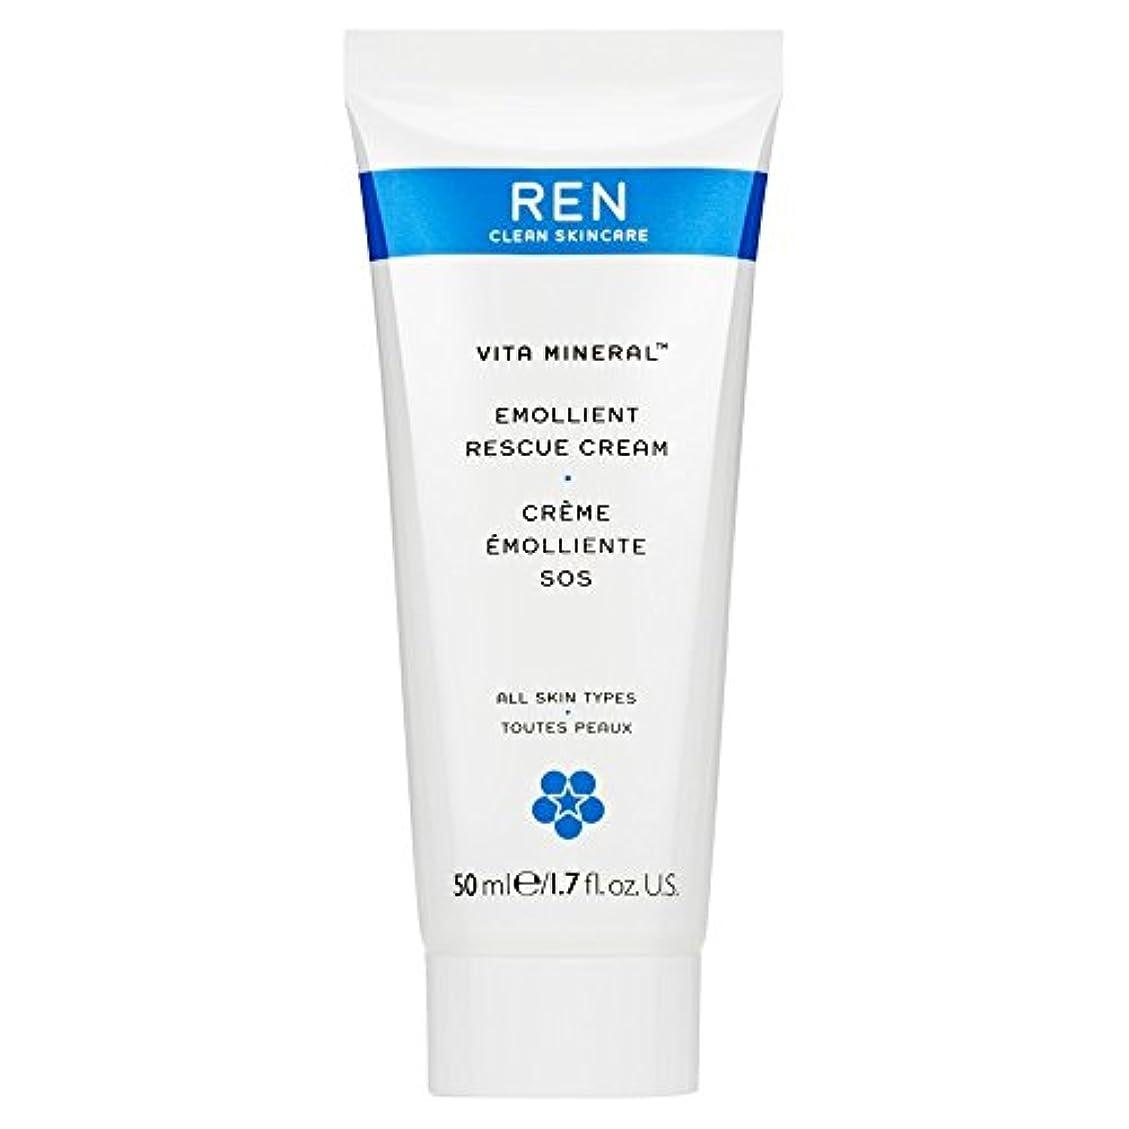 お客様良さ抽象化Renヴィータミネラルレスキュークリーム、50ミリリットル (REN) - REN Vita Mineral Rescue Cream, 50ml [並行輸入品]